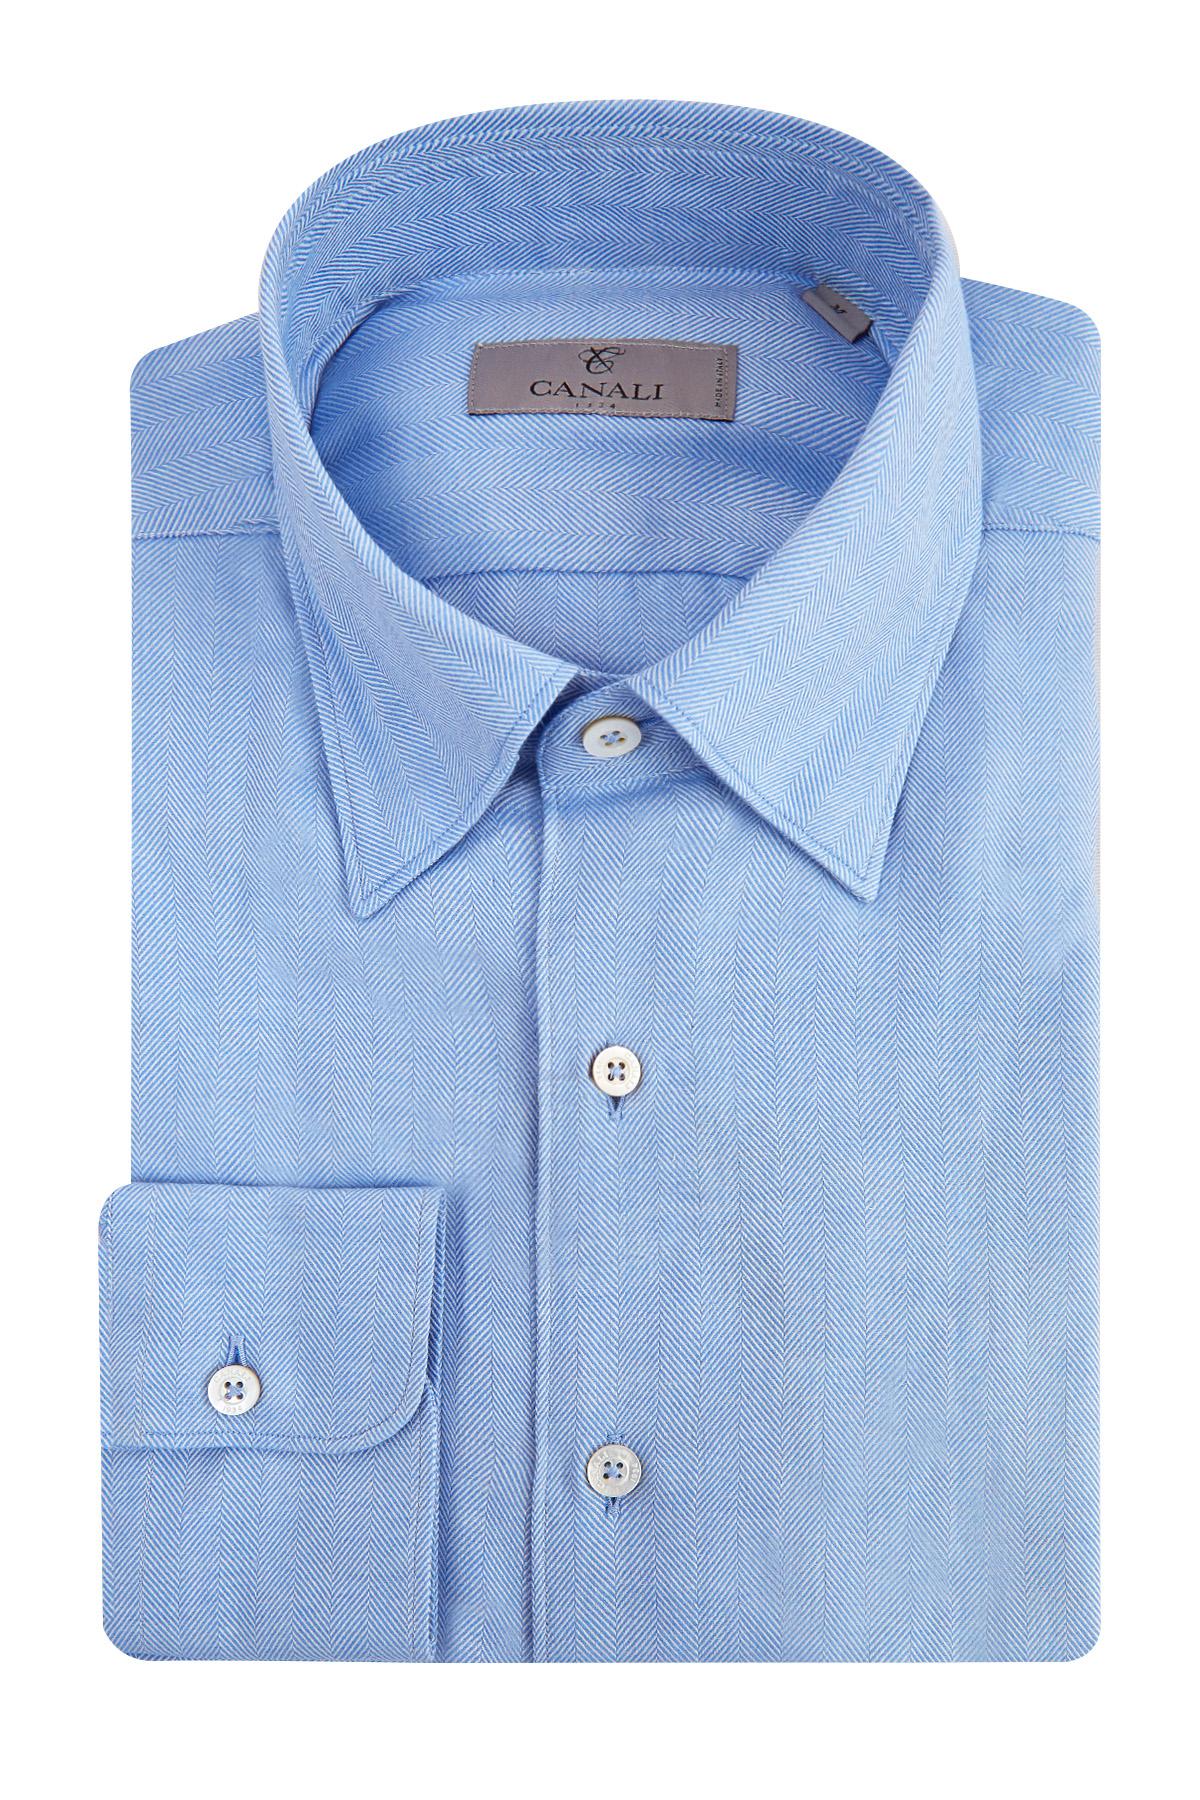 Купить Рубашка, CANALI, Италия, хлопок 85%, кашемир 15%